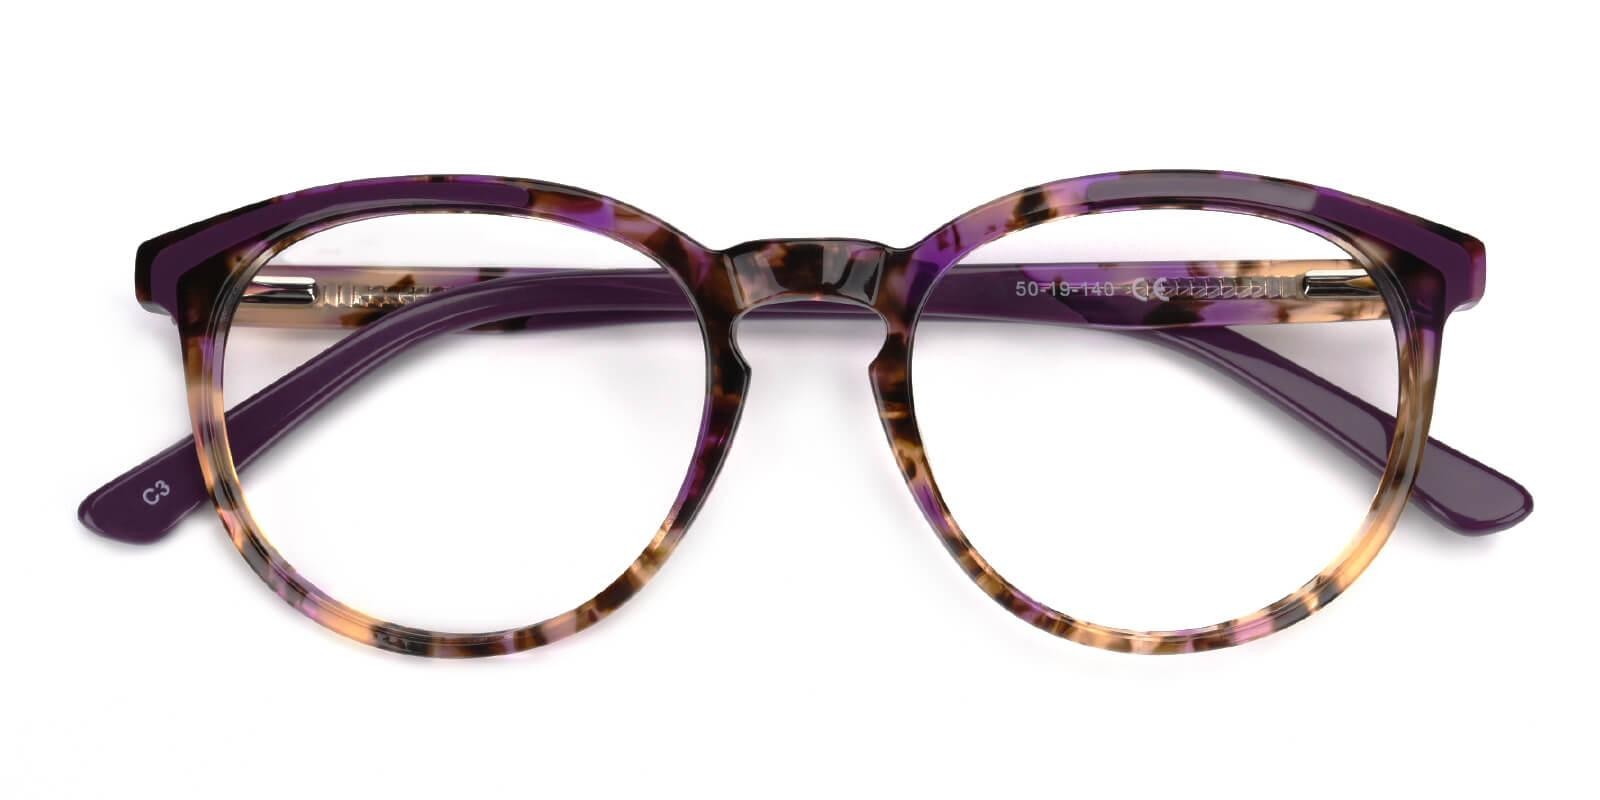 Deborah-Purple-Oval-Acetate-Eyeglasses-detail